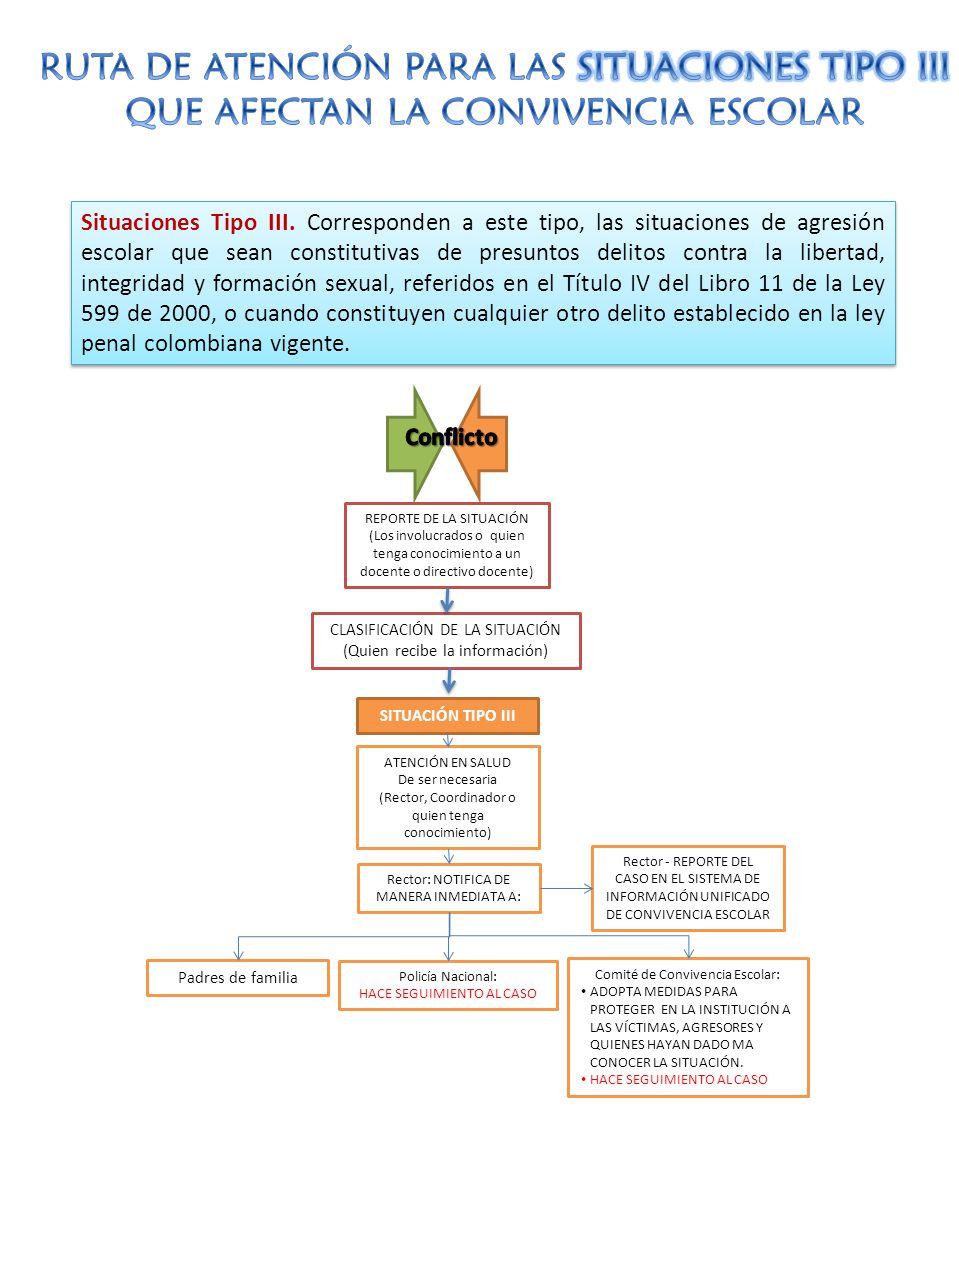 RUTA DE ATENCIÓN PARA LAS SITUACIONES TIPO III